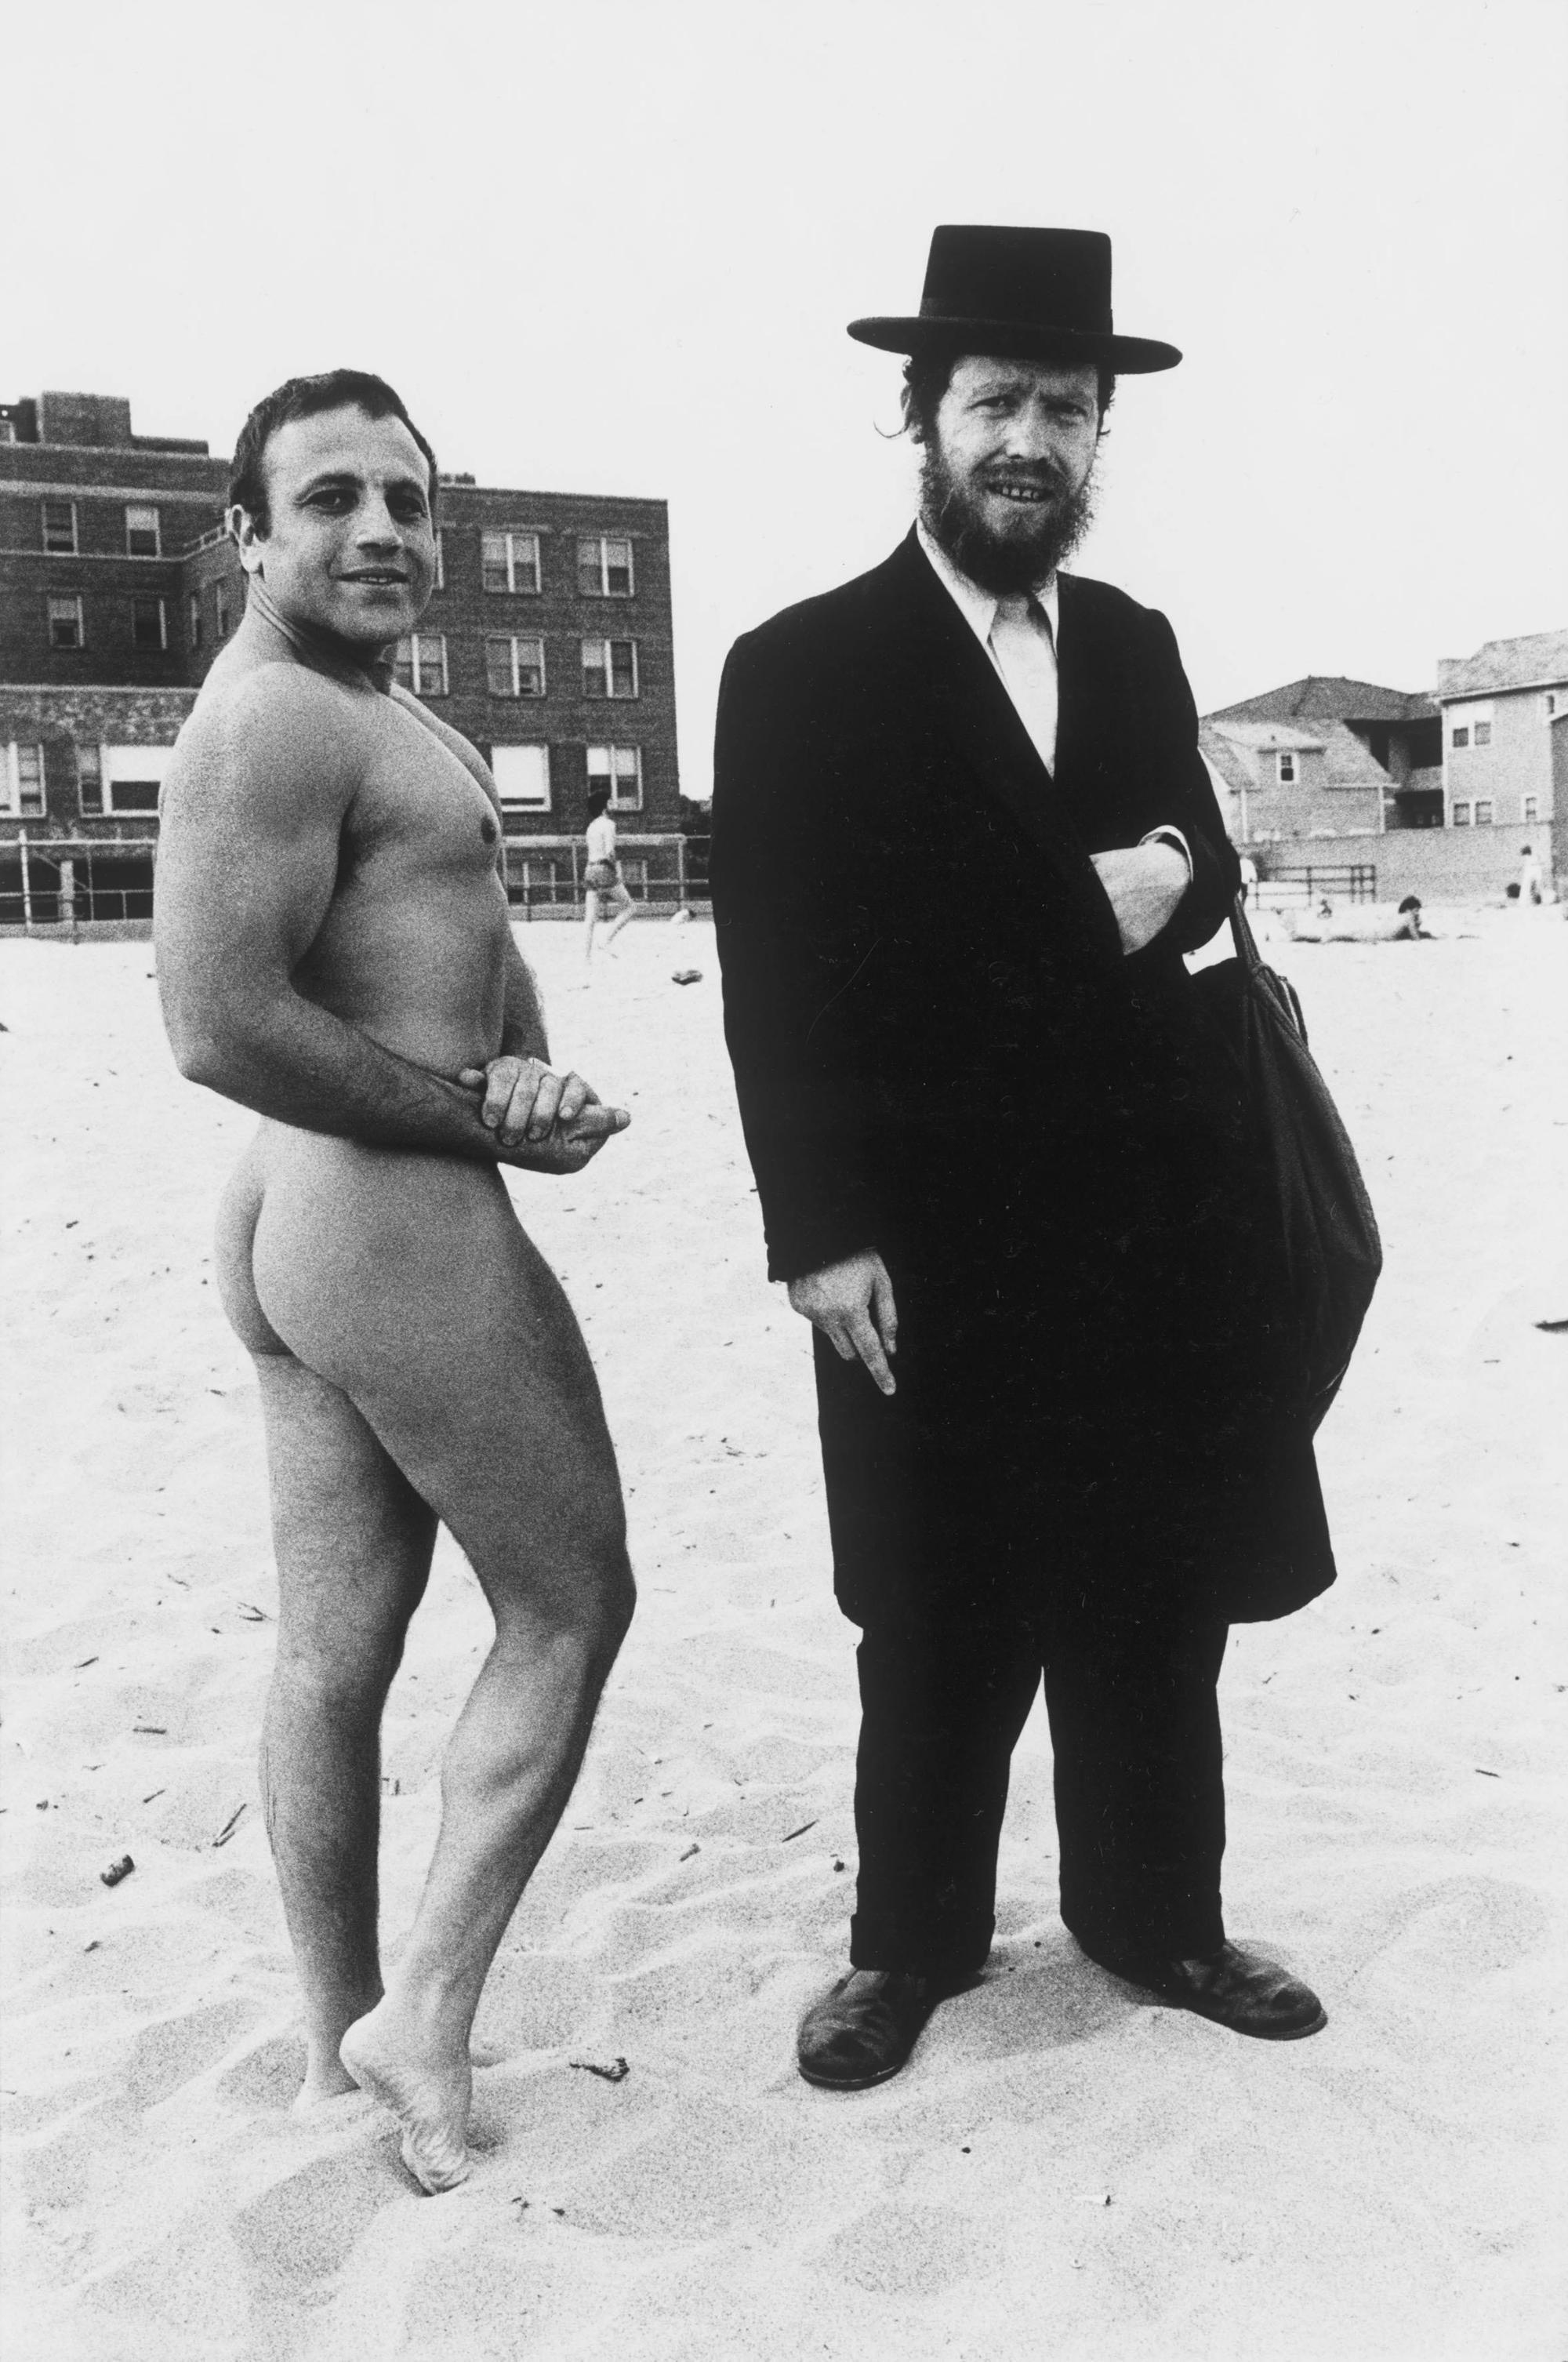 Nudiste vintage — pic 2